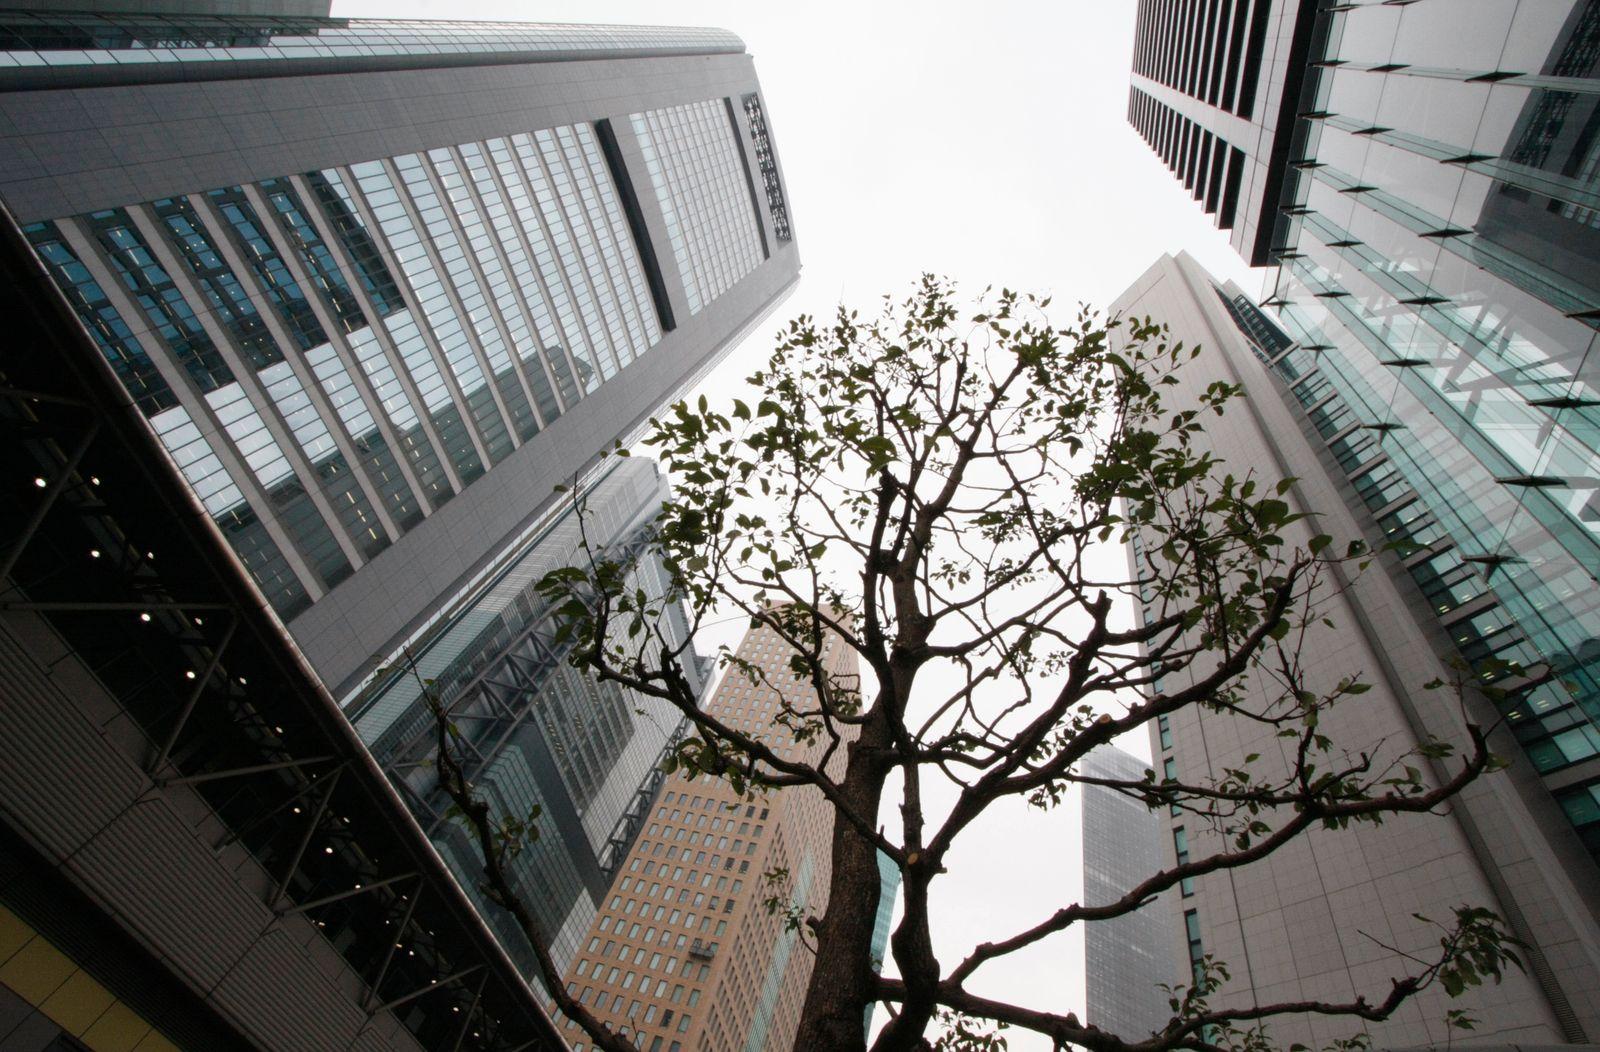 Mitsubishi Estate / Sumitomo Realty / Mitsui Fudosan / Immobilienaktien